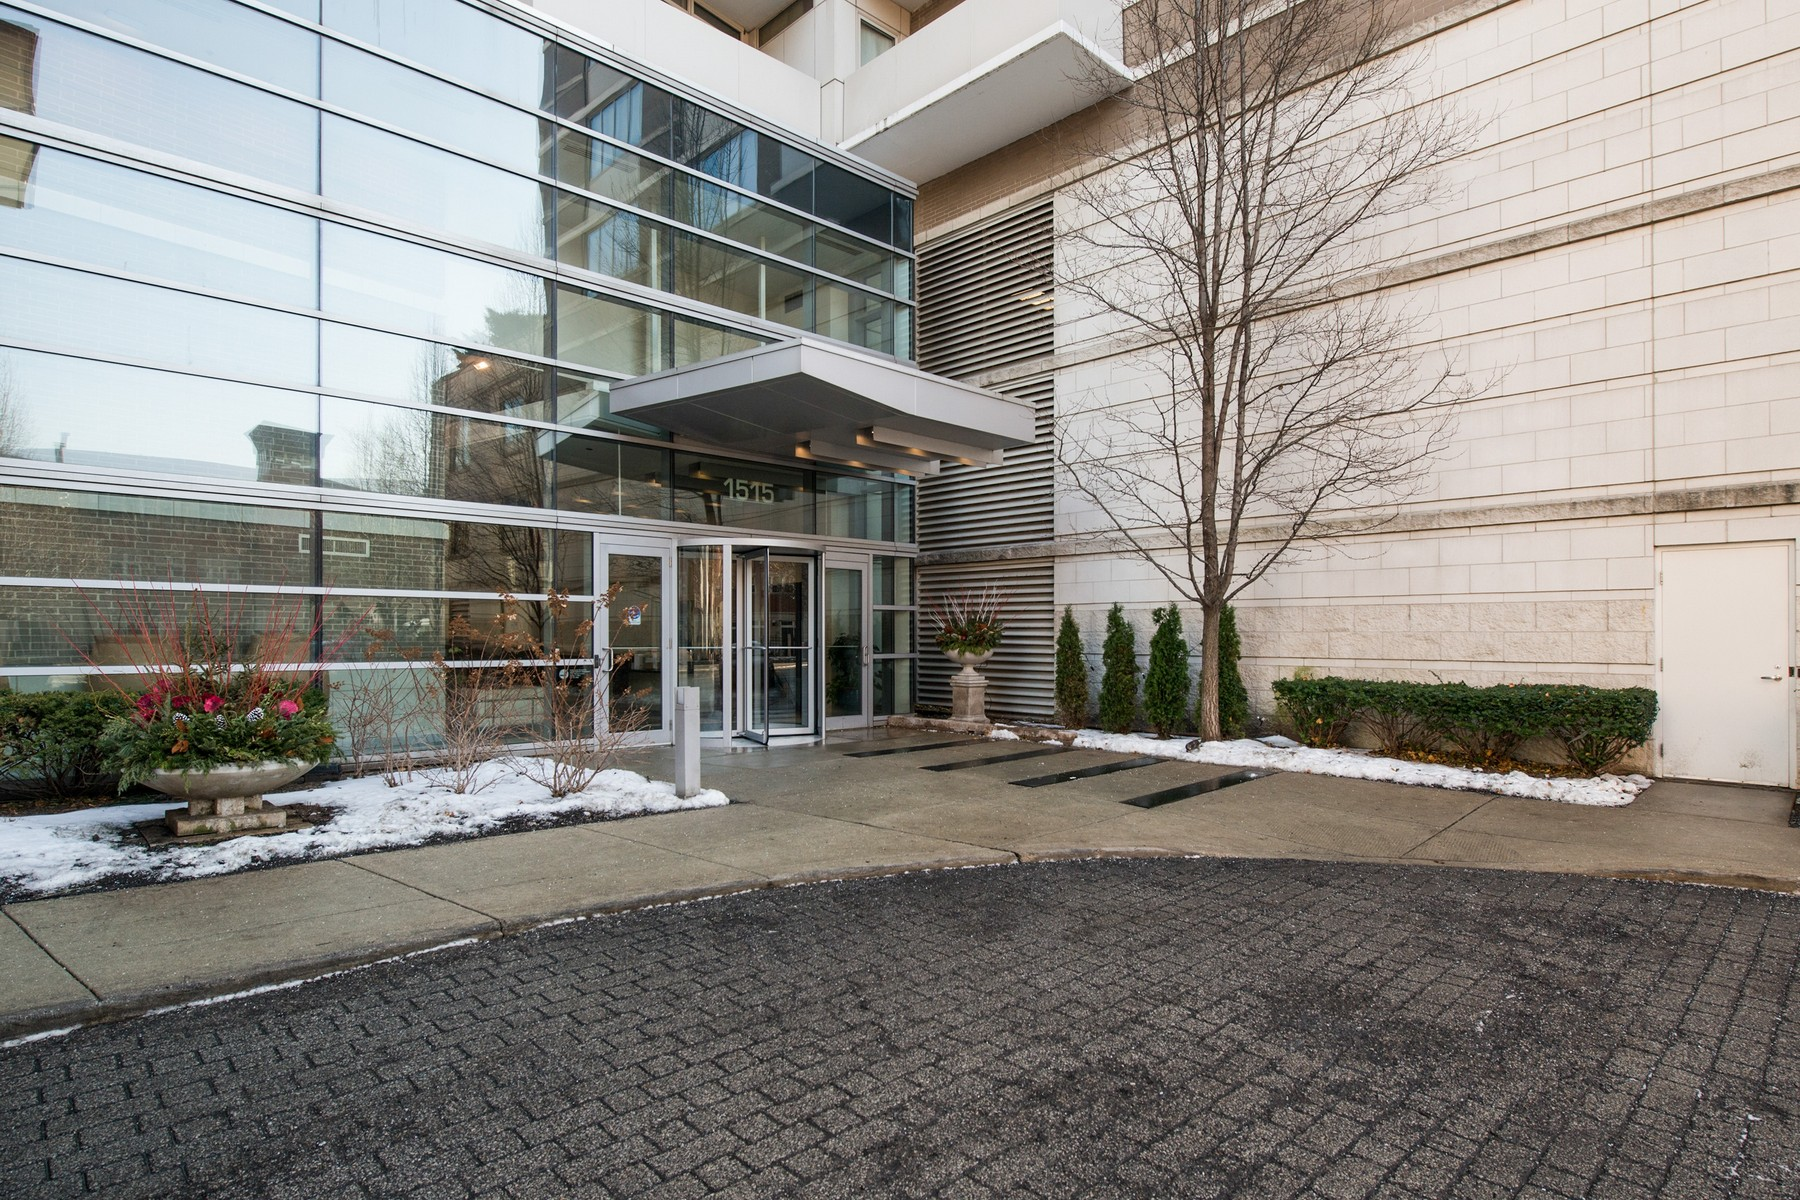 一戸建て のために 売買 アット Amazing South Loop one bedroom 1515 S Prairie Avenue Unit 705, Chicago, イリノイ, 60605 アメリカ合衆国